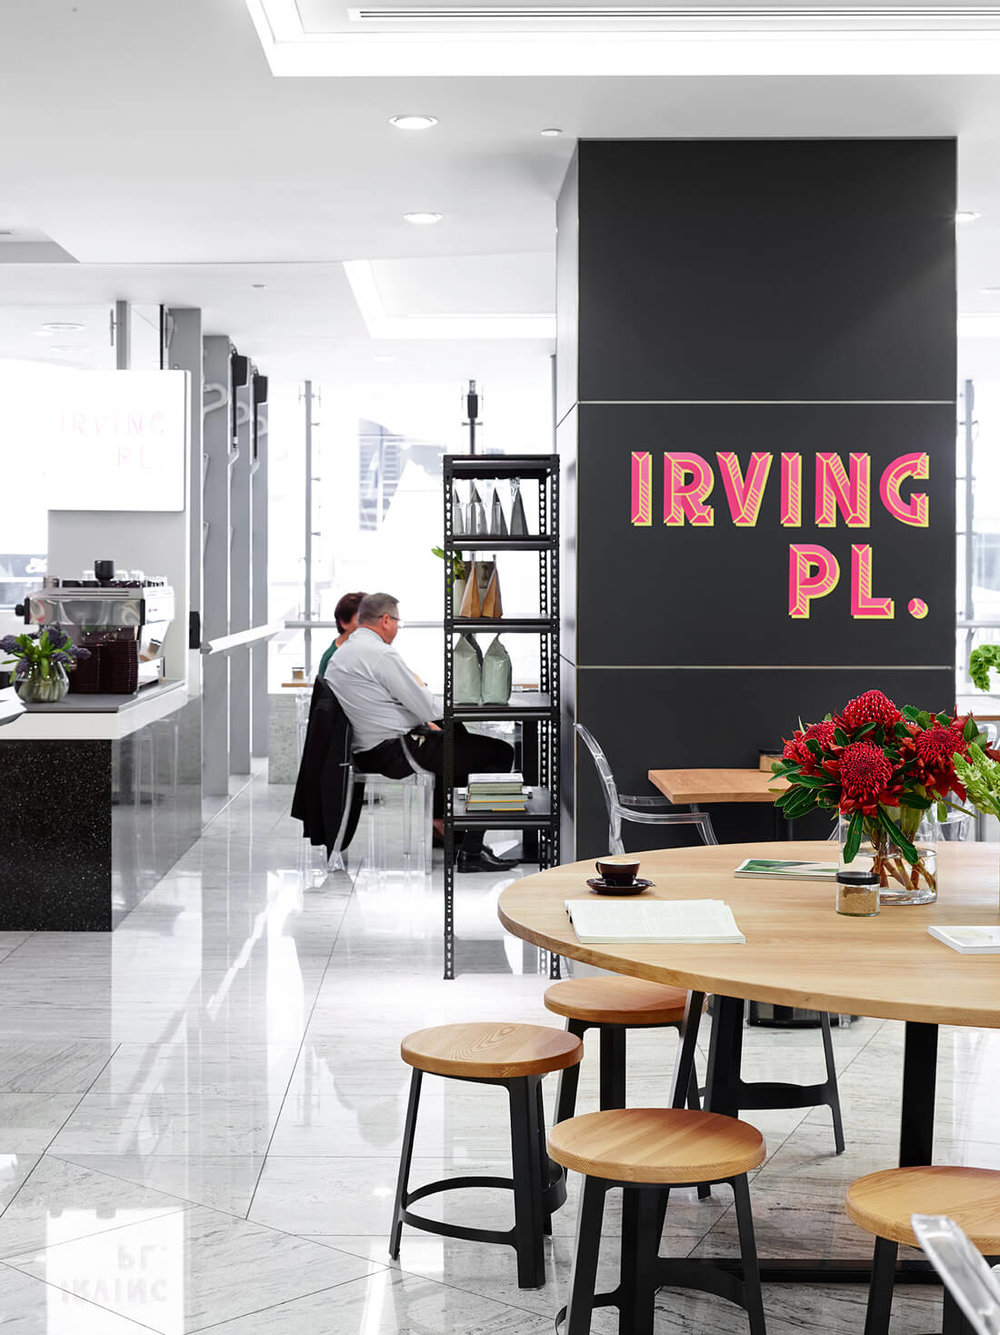 Irving Place Café